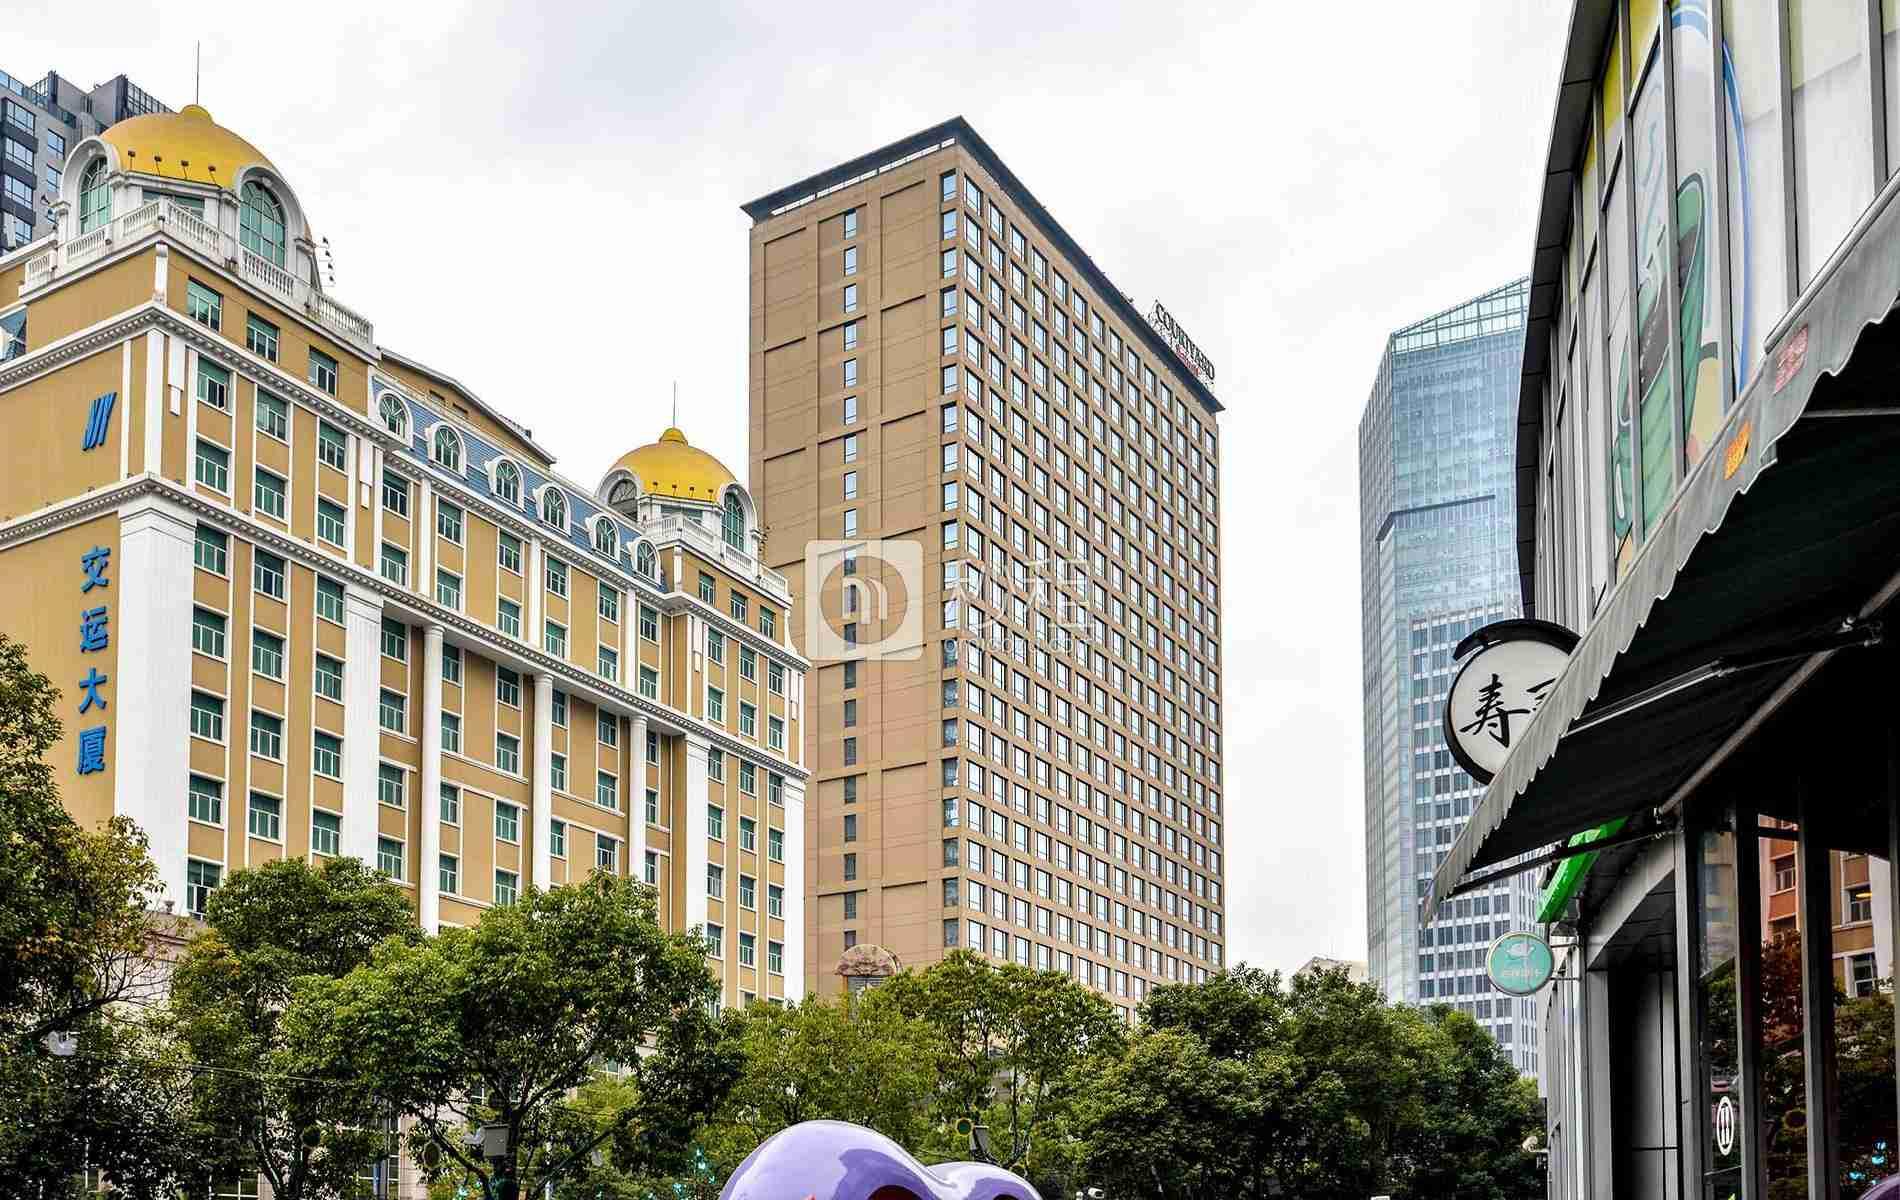 裕年国际商务大厦写字楼出租/招租/租赁,裕年国际商务大厦办公室出租/招租/租赁